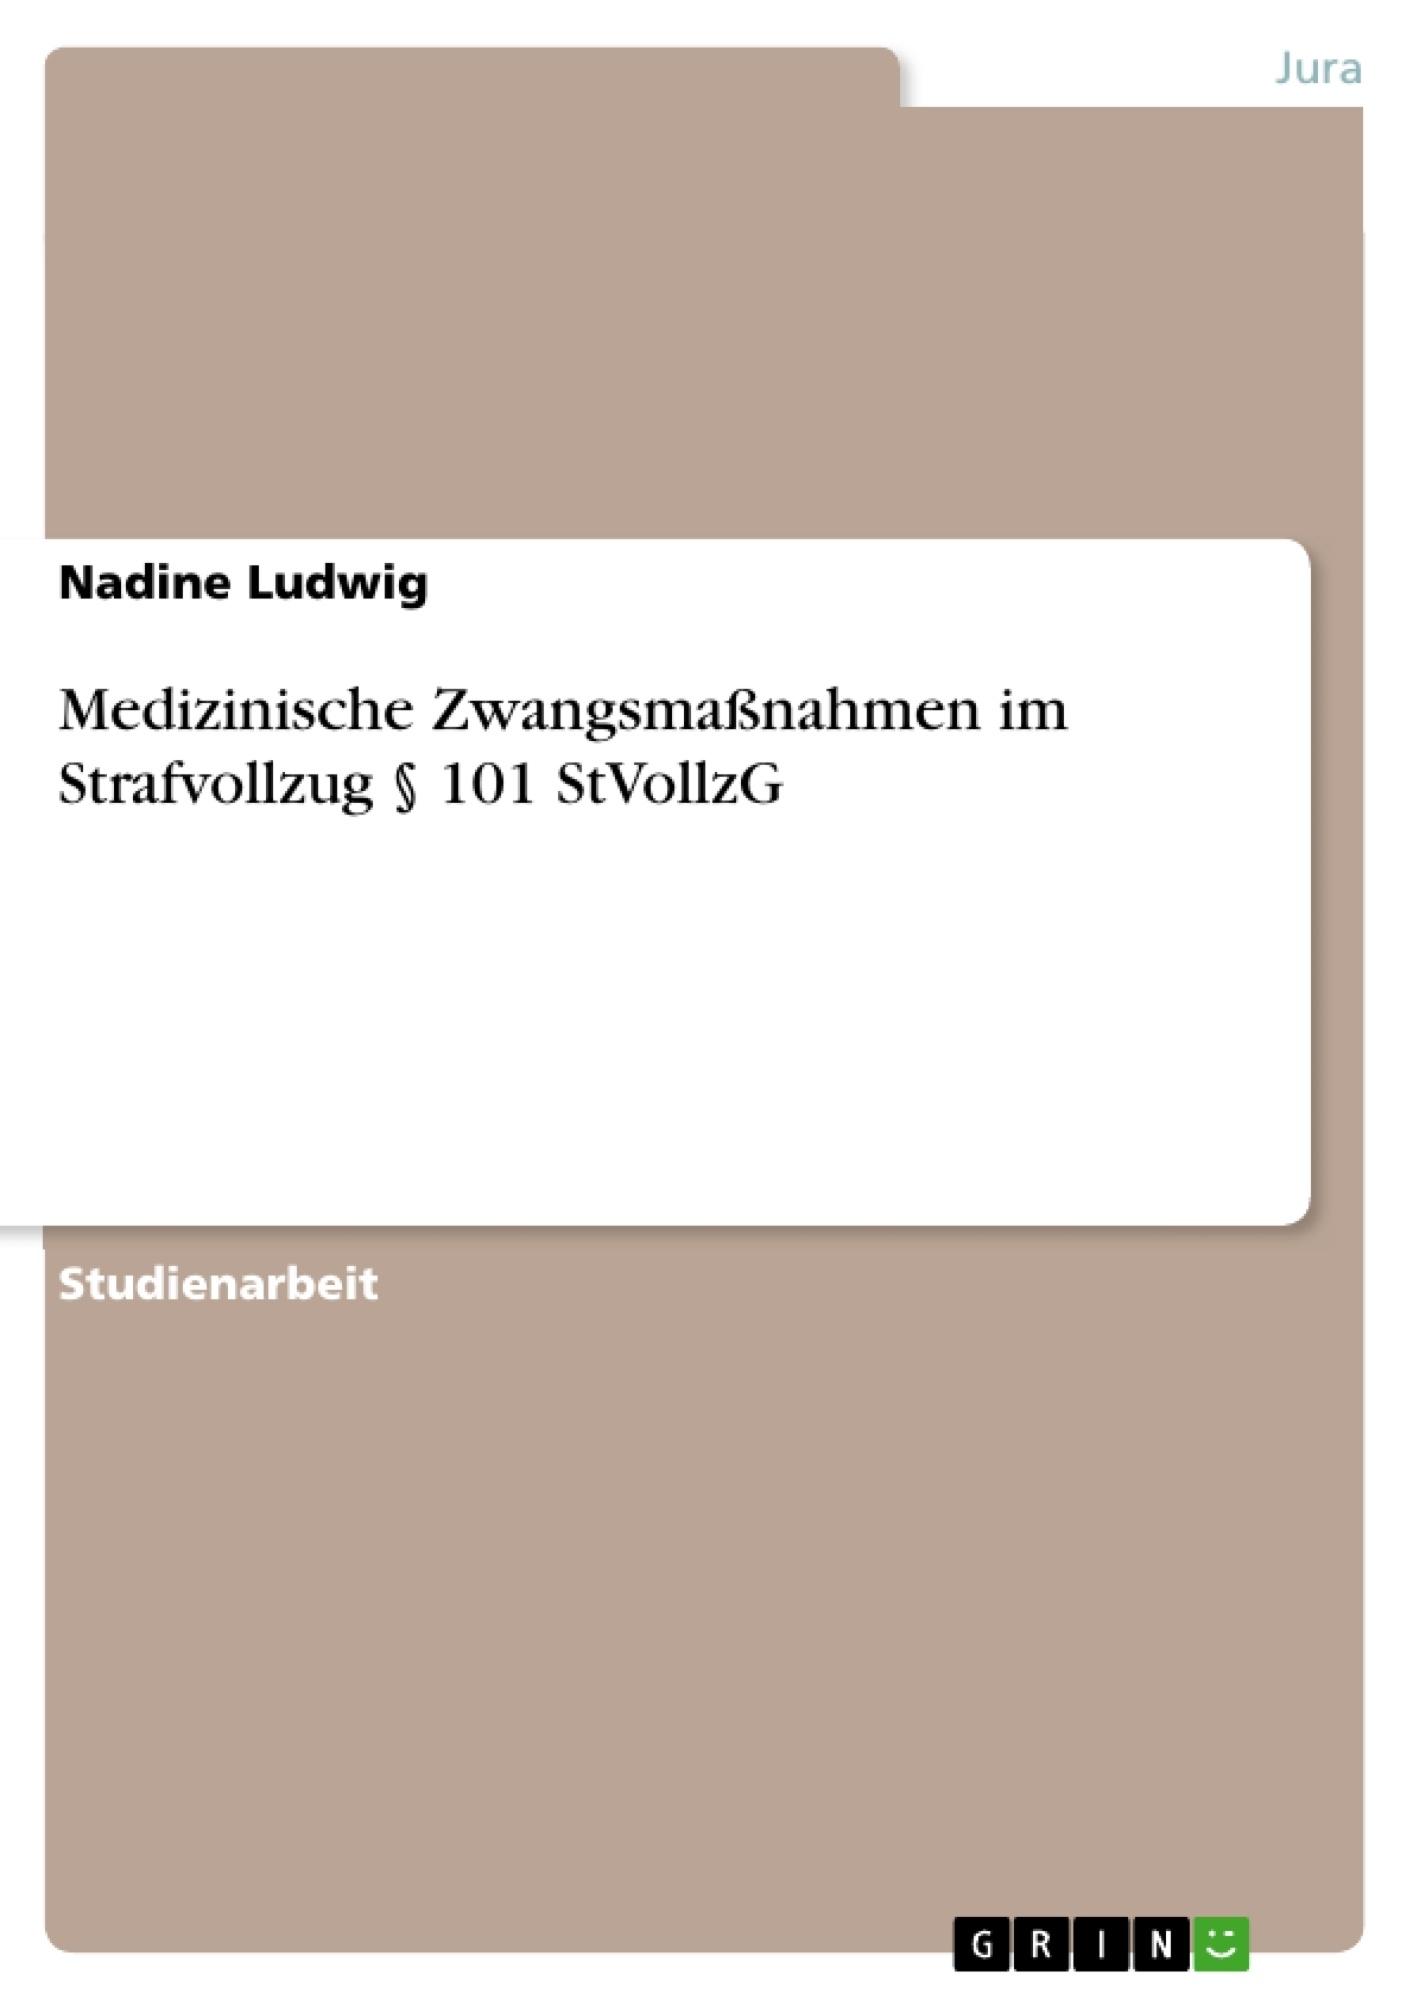 Titel: Medizinische Zwangsmaßnahmen im Strafvollzug § 101 StVollzG